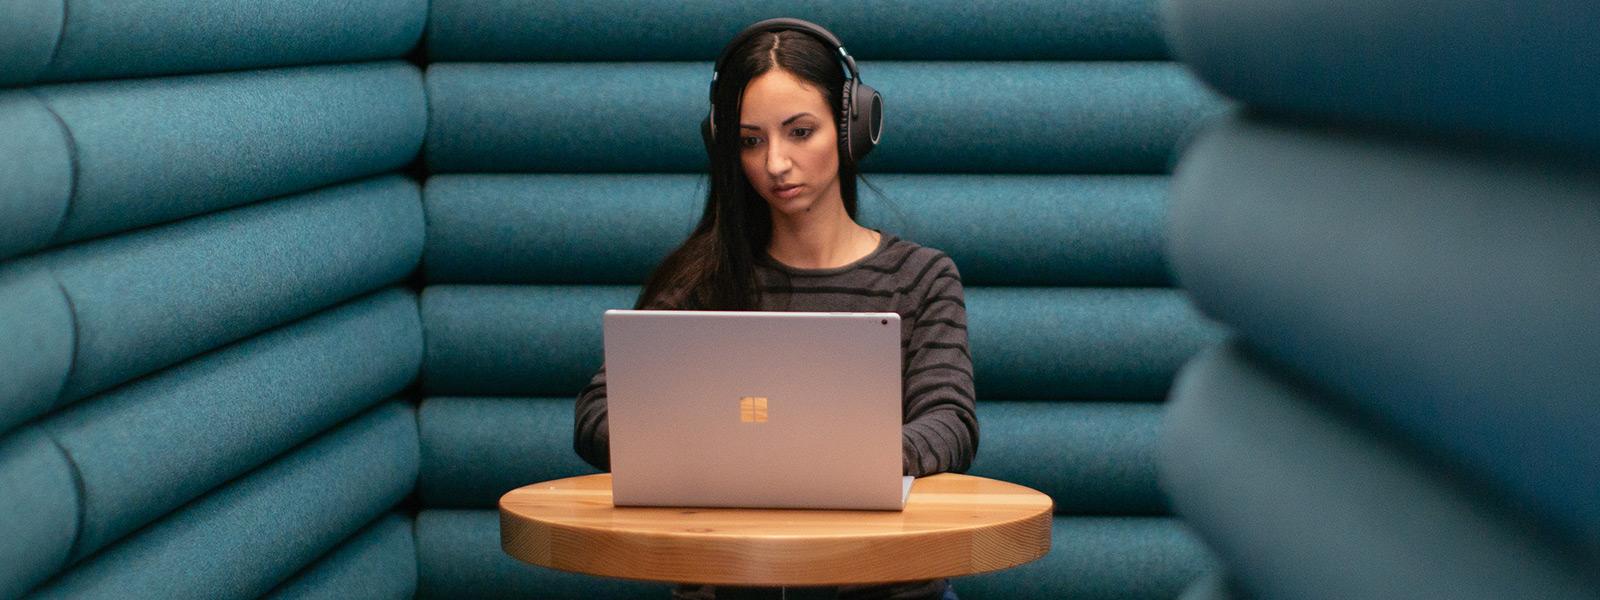 女性は Windows 10 コンピューターで作業しながら、ヘッドフォンを着用し、静かに座っています